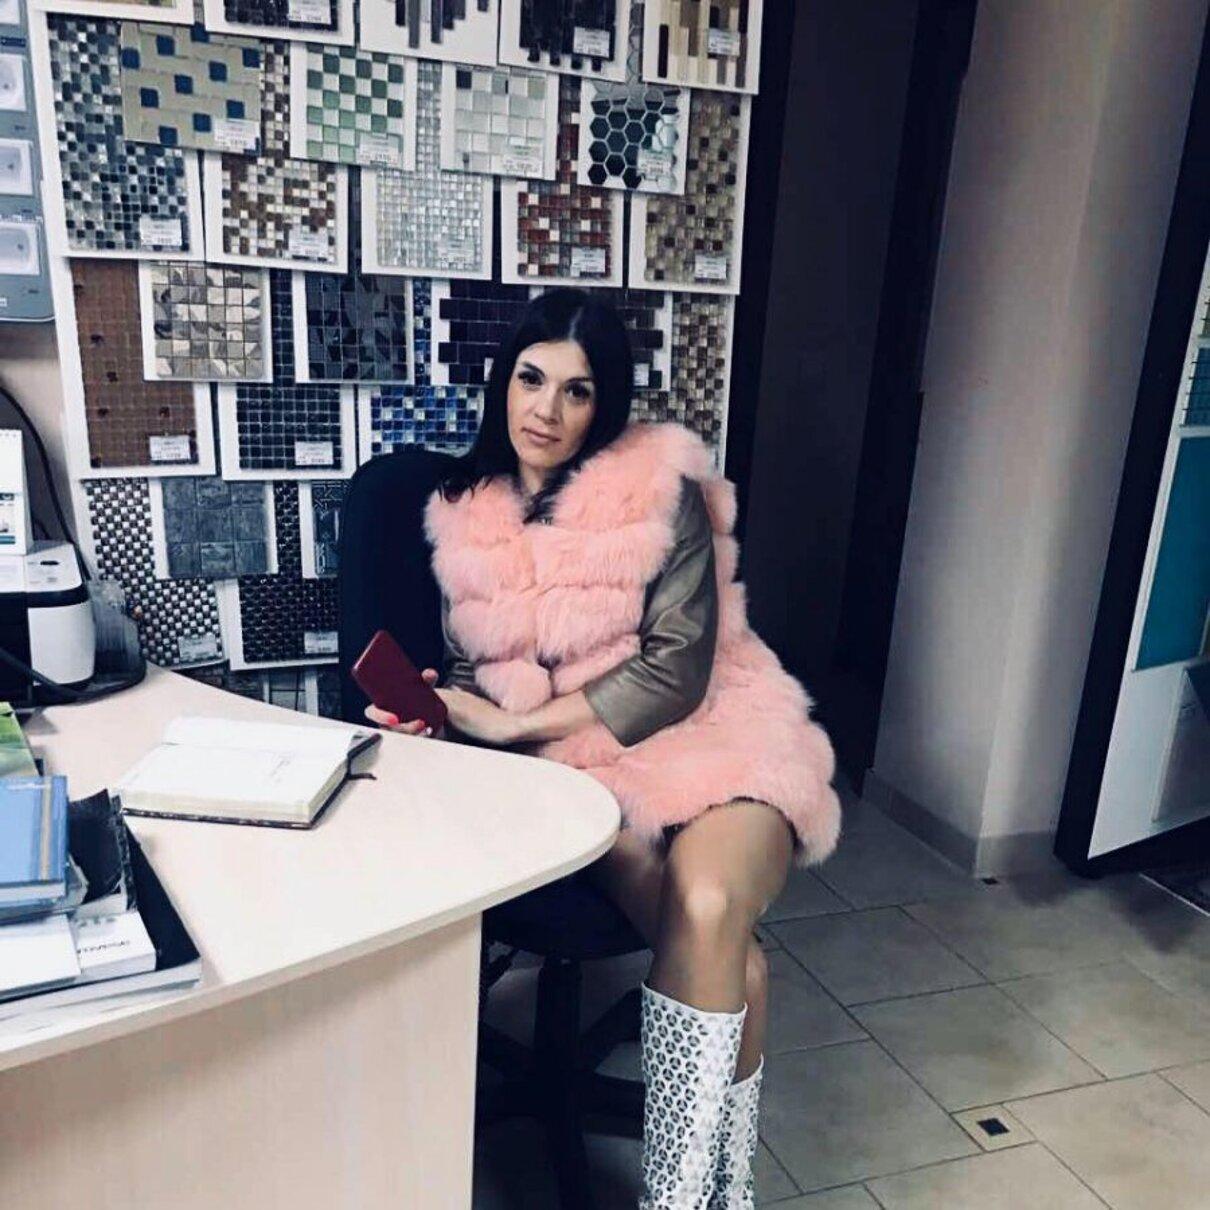 Жалоба-отзыв: Татьяна Ступницкая - Аферистка.мошенница.  Фото №2